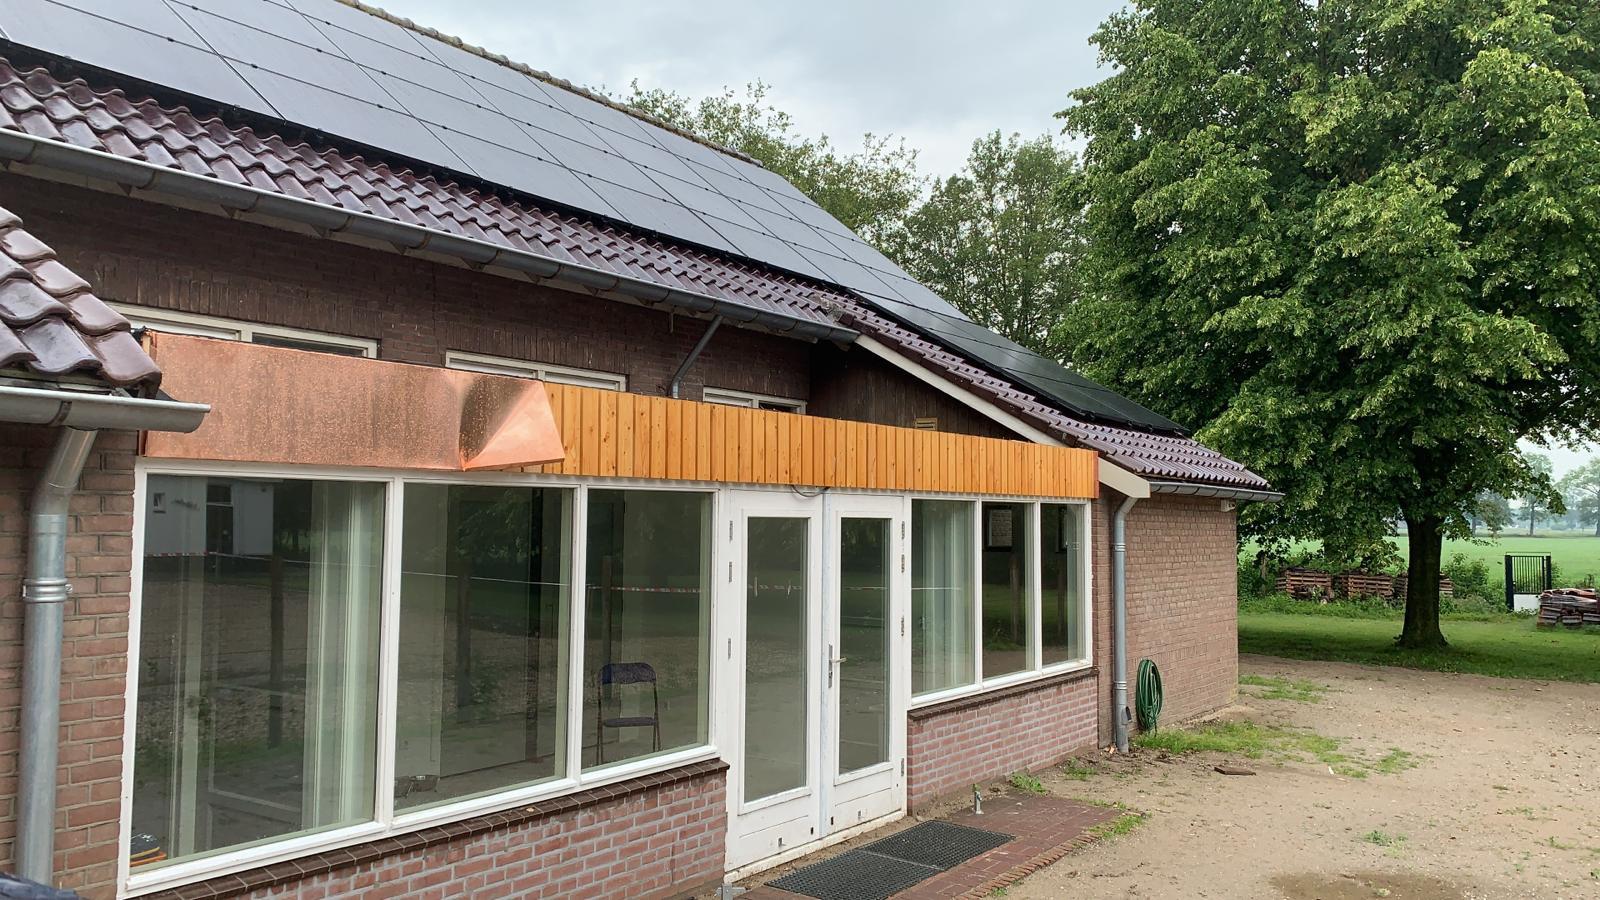 Koperdieven sloegen opnieuw toe bij Ons Gebouw in Klarenbeek.